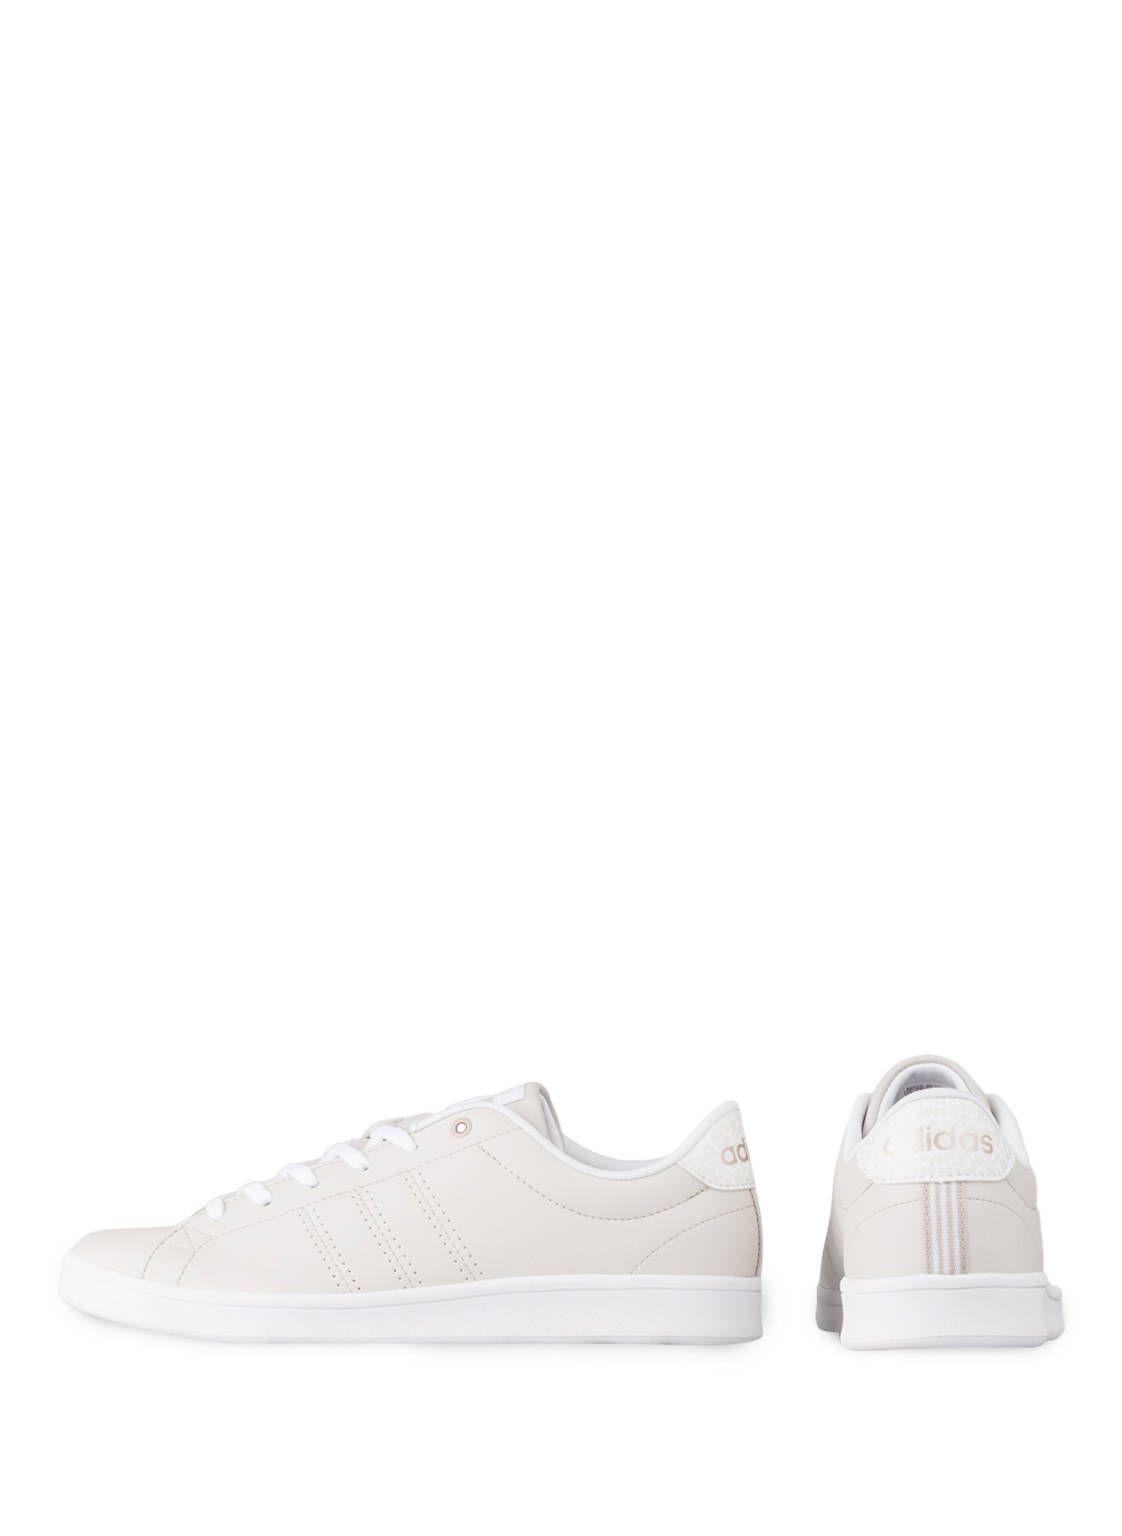 reputable site 50f11 69f30 Sneaker ADVANTAGE CLEAN von adidas Neo bei Breuninger kaufen